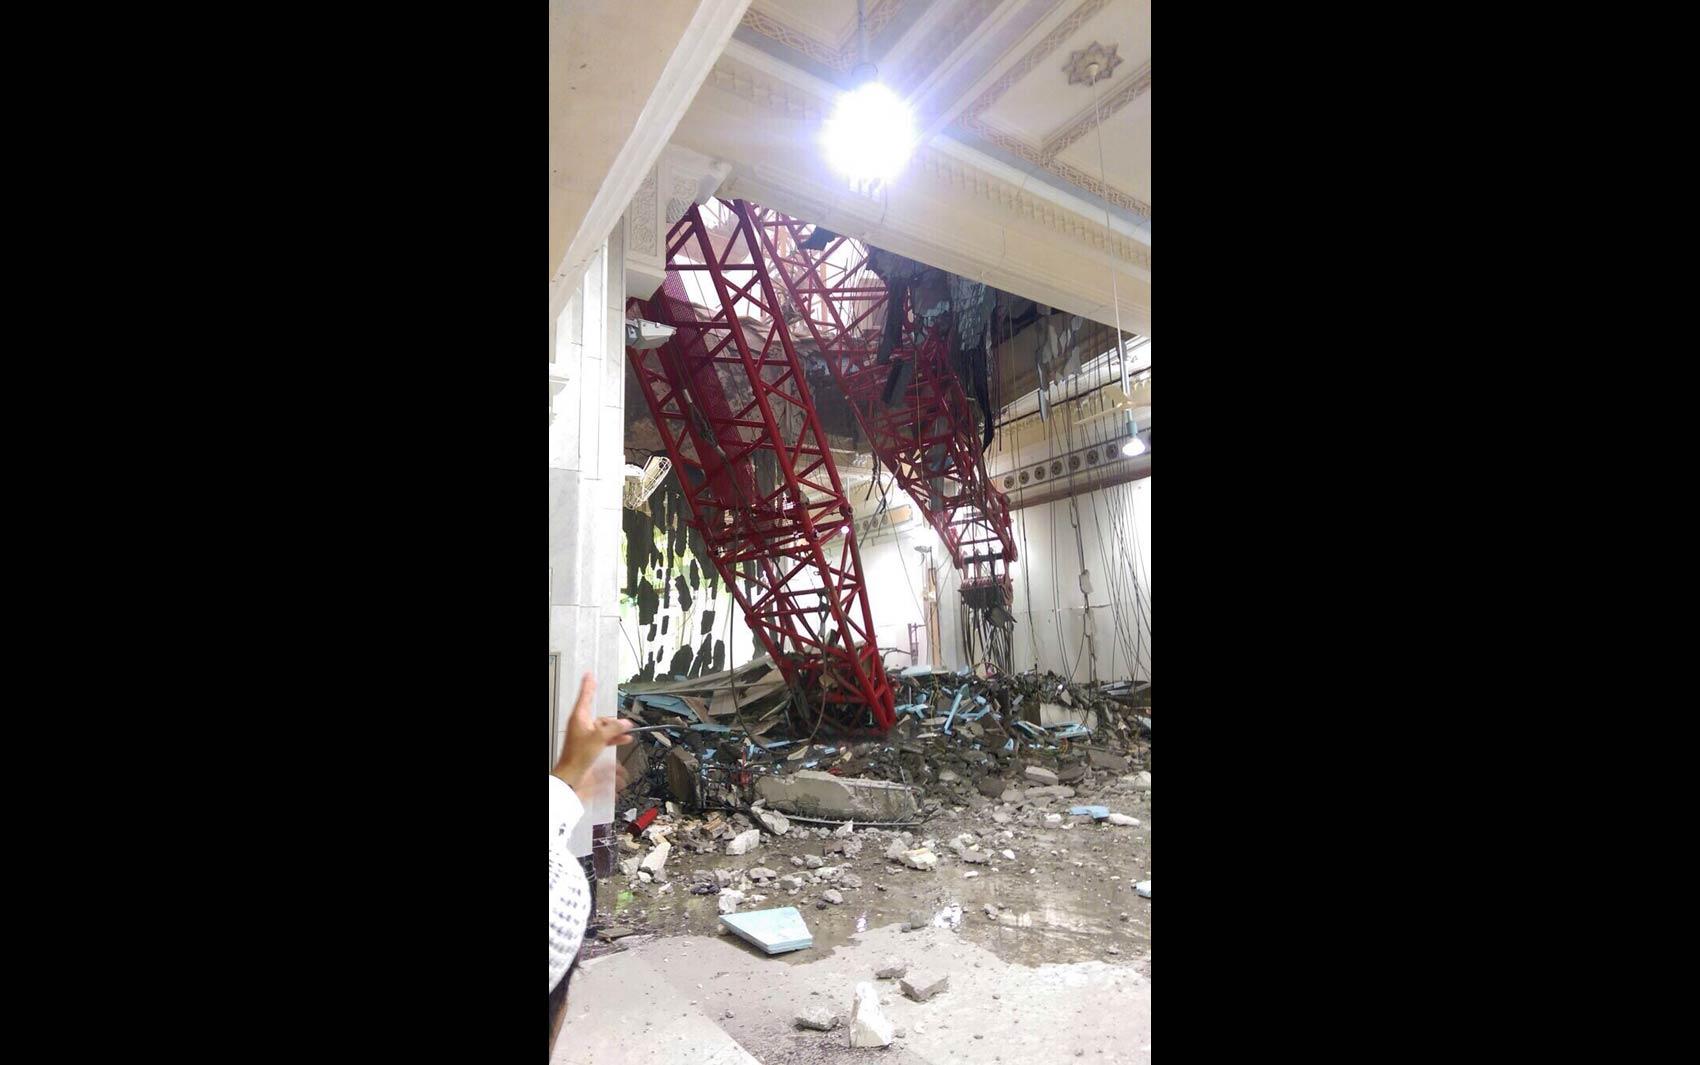 Estrutura do guindaste destruiu parte da lateral e do teto da Grande Mesquita de Meca, causando a morte de dezenas de fiéis